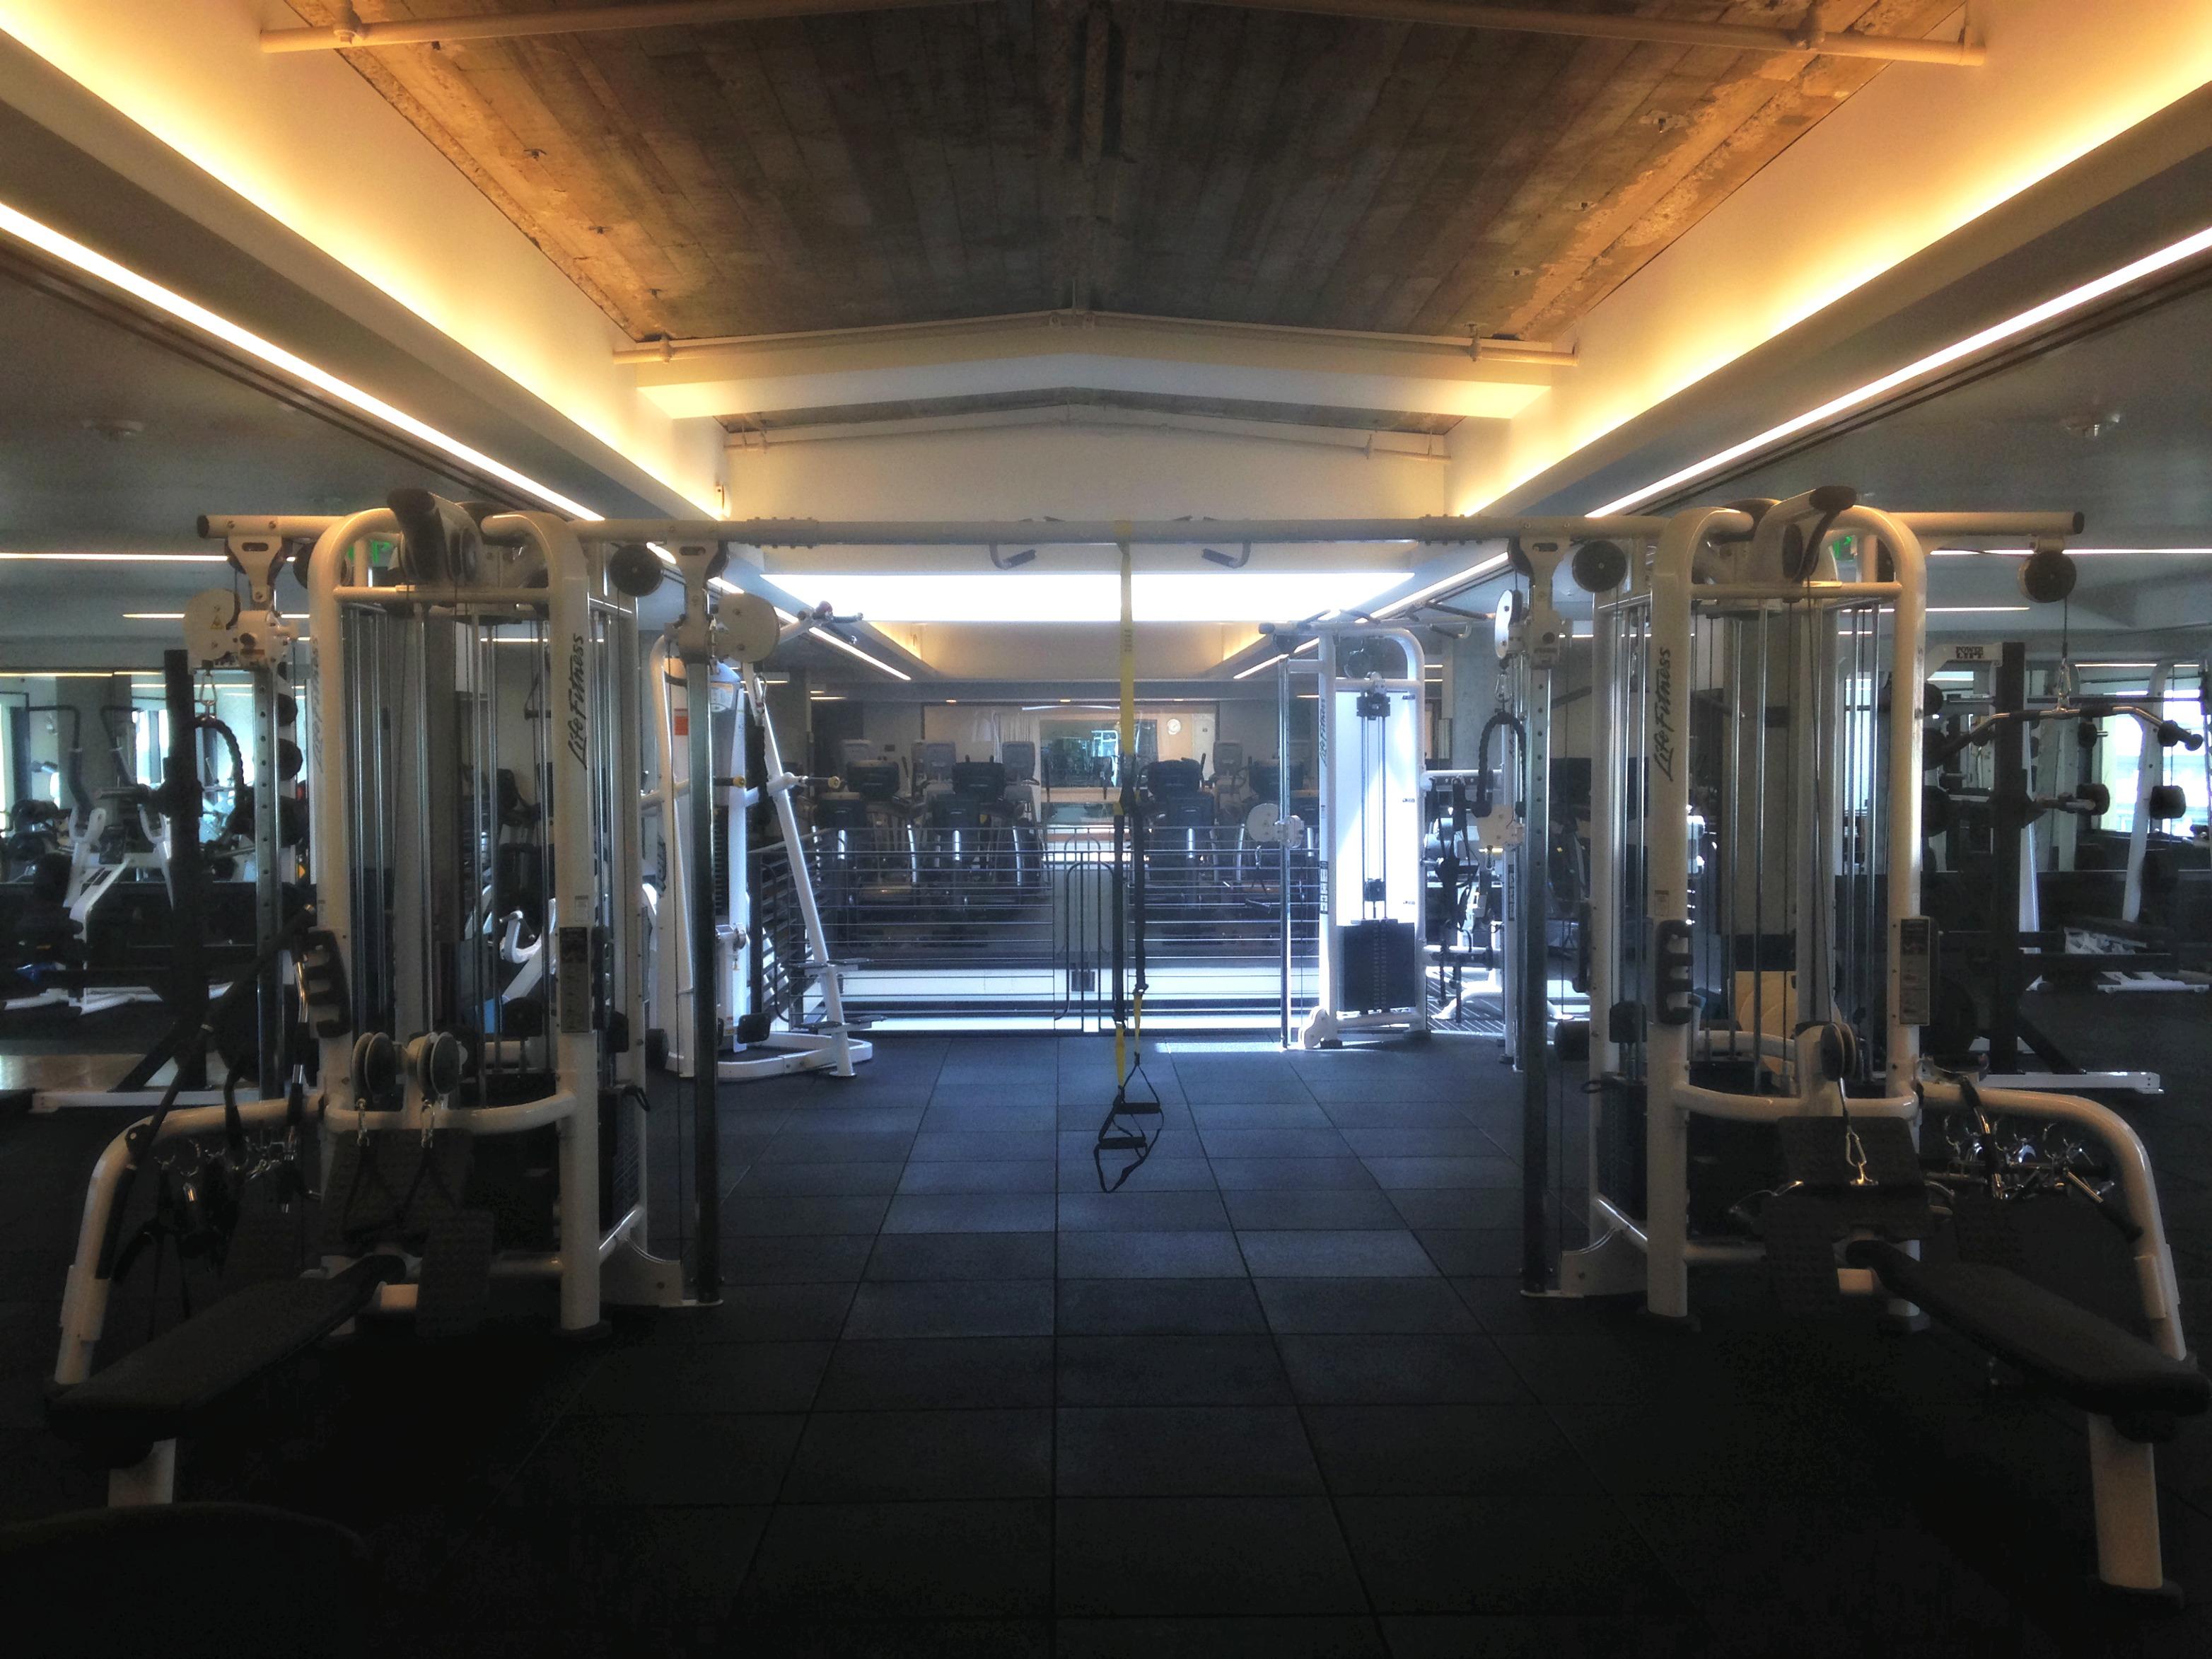 Equinox weight room